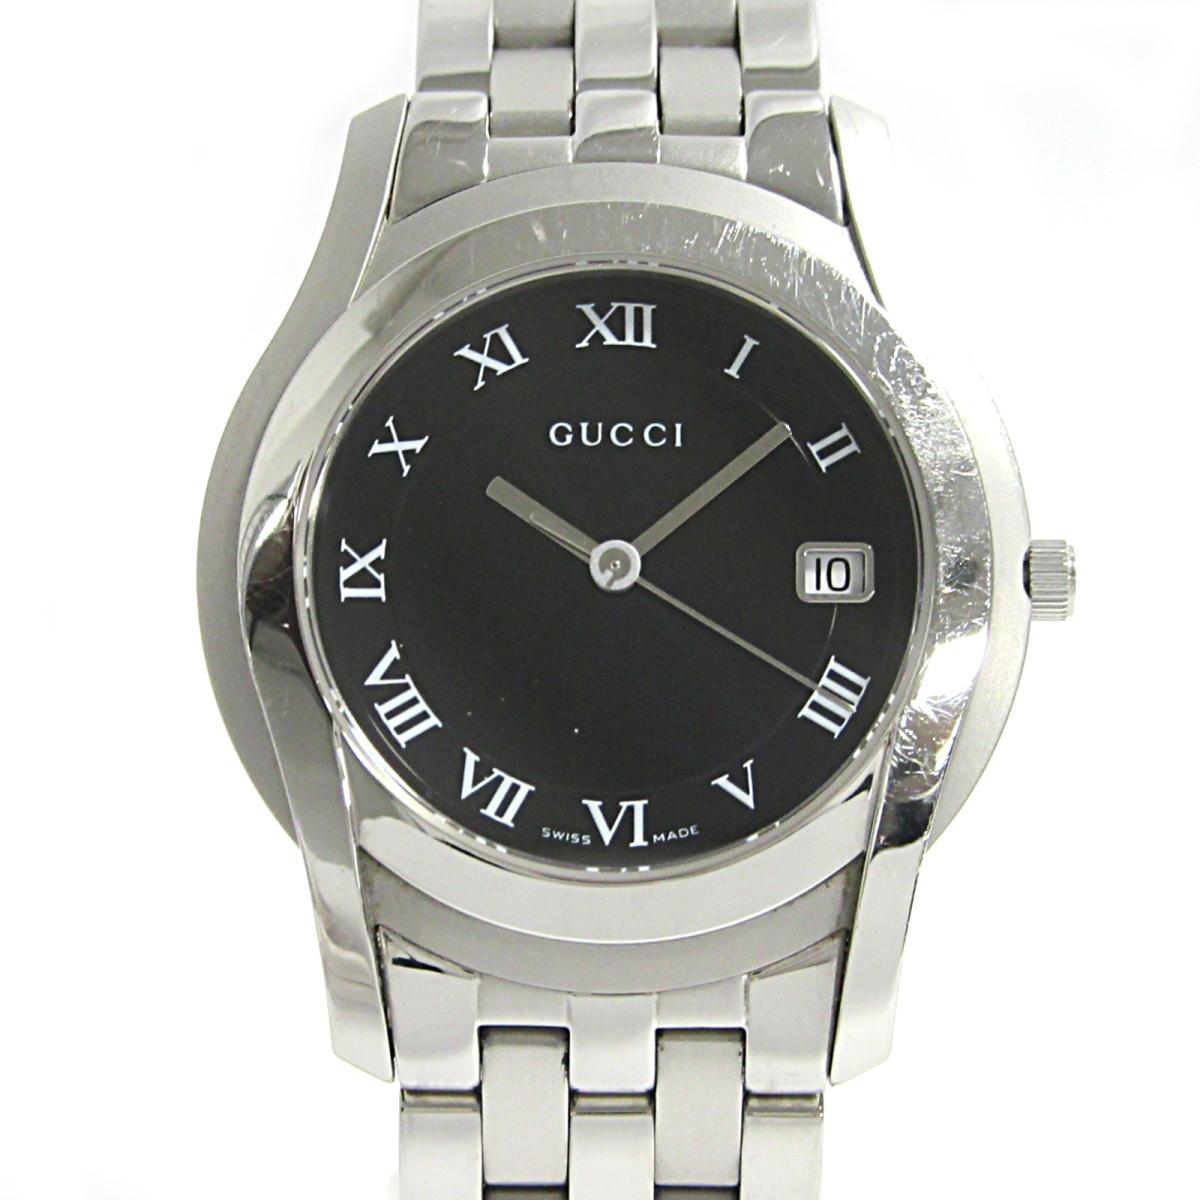 ≪期間限定≫メルマガ登録でクーポンGET! 【中古】 グッチ ウォッチ 腕時計 メンズ ステンレススチール (SS) (5500M) | GUCCI BRANDOFF ブランドオフ ブランド ブランド時計 ブランド腕時計 時計